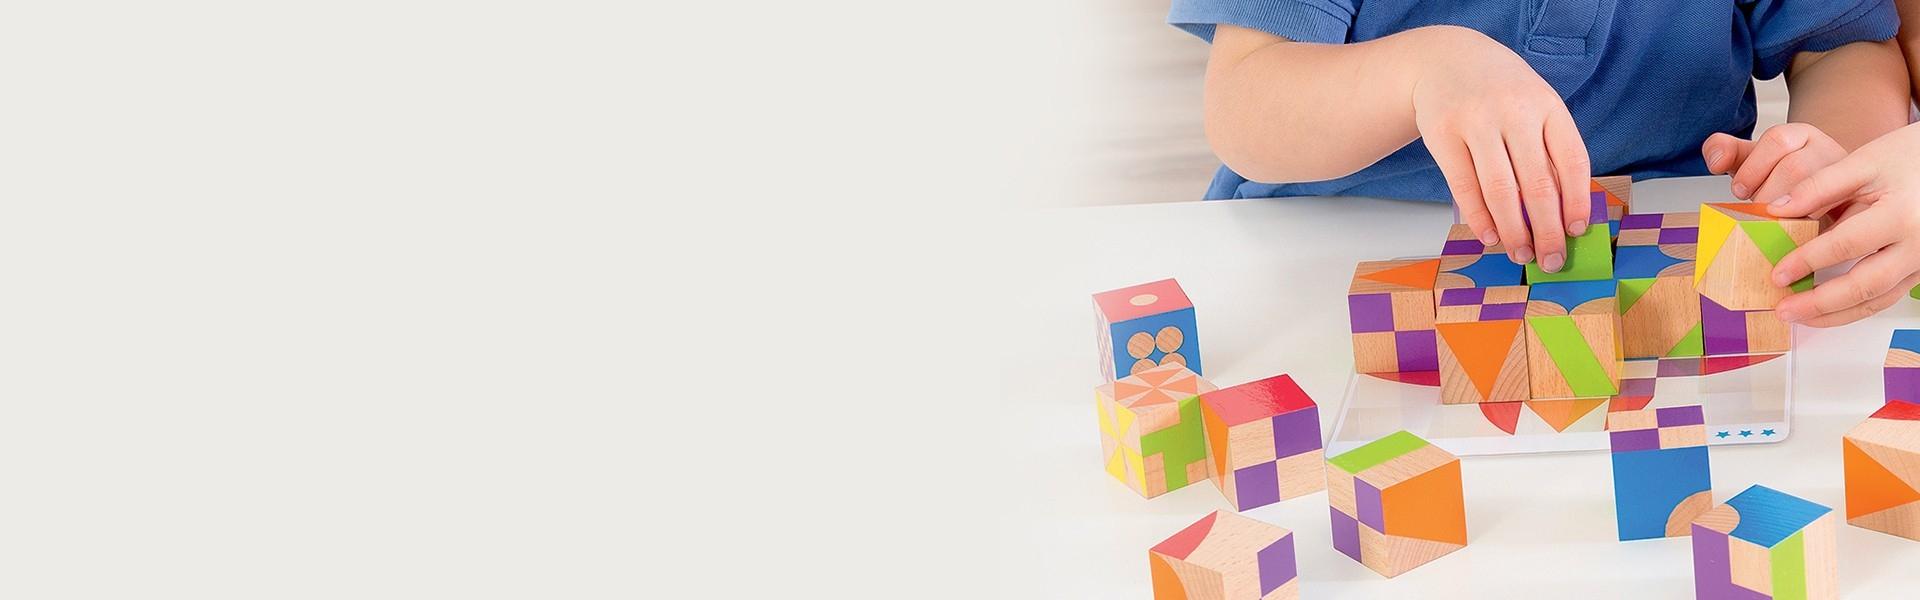 Jeux Educatif 2 Ans En Ligne - Primanyc pour Jeux 2 Ans En Ligne